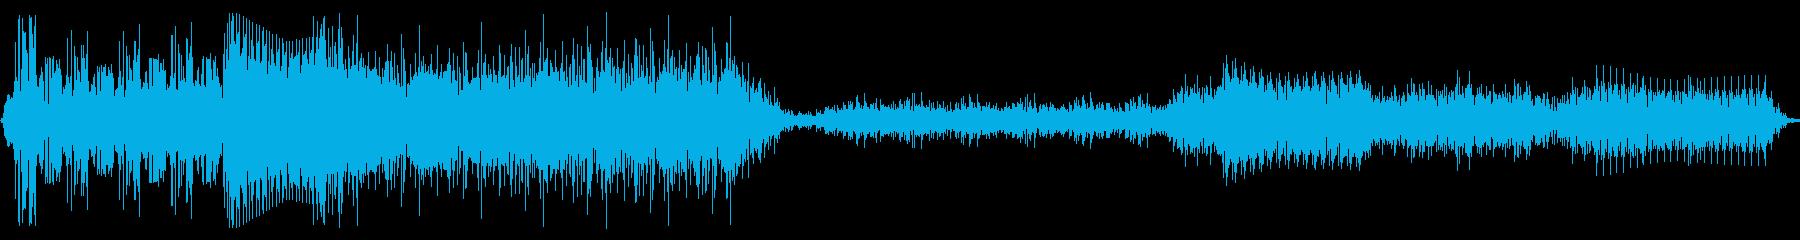 誤作動スワイプ1の再生済みの波形